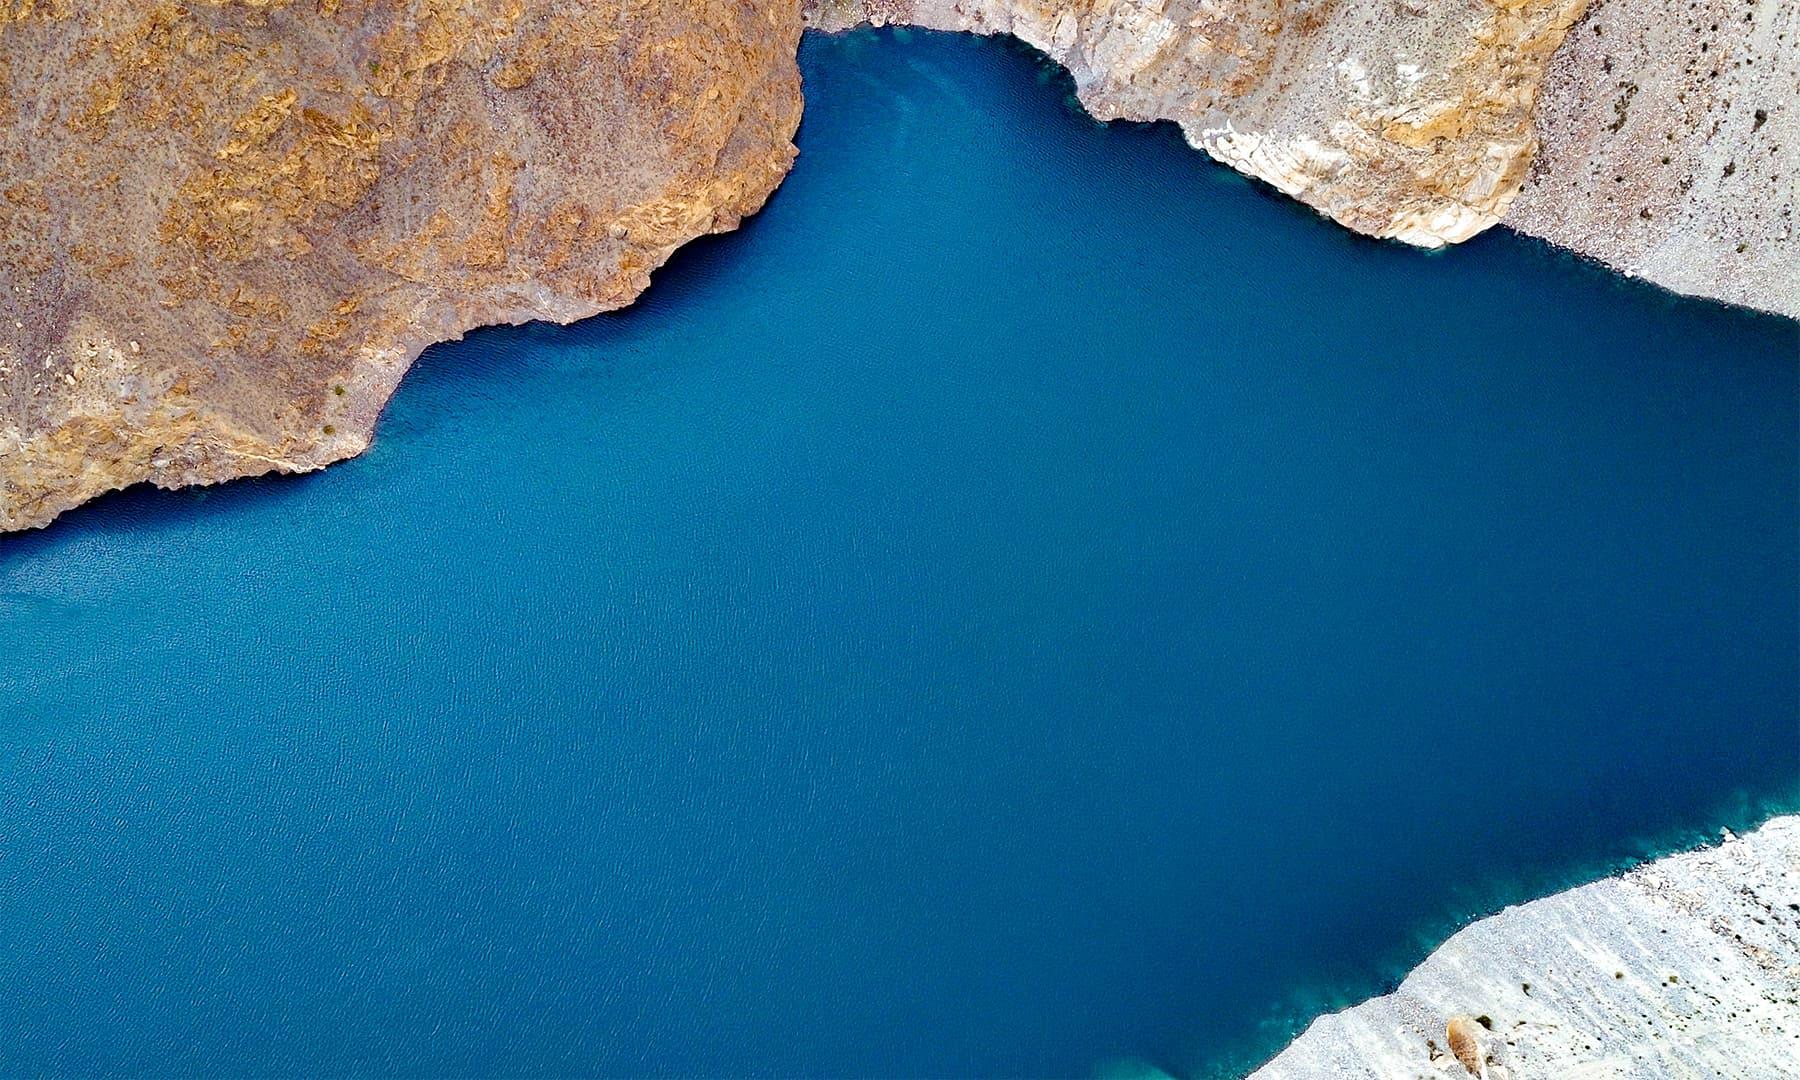 جھیل کا شمالی حصہ اور سرمئی رنگت کے خوبصورت پہاڑ دلکش نظارہ پیش کرتے ہیں